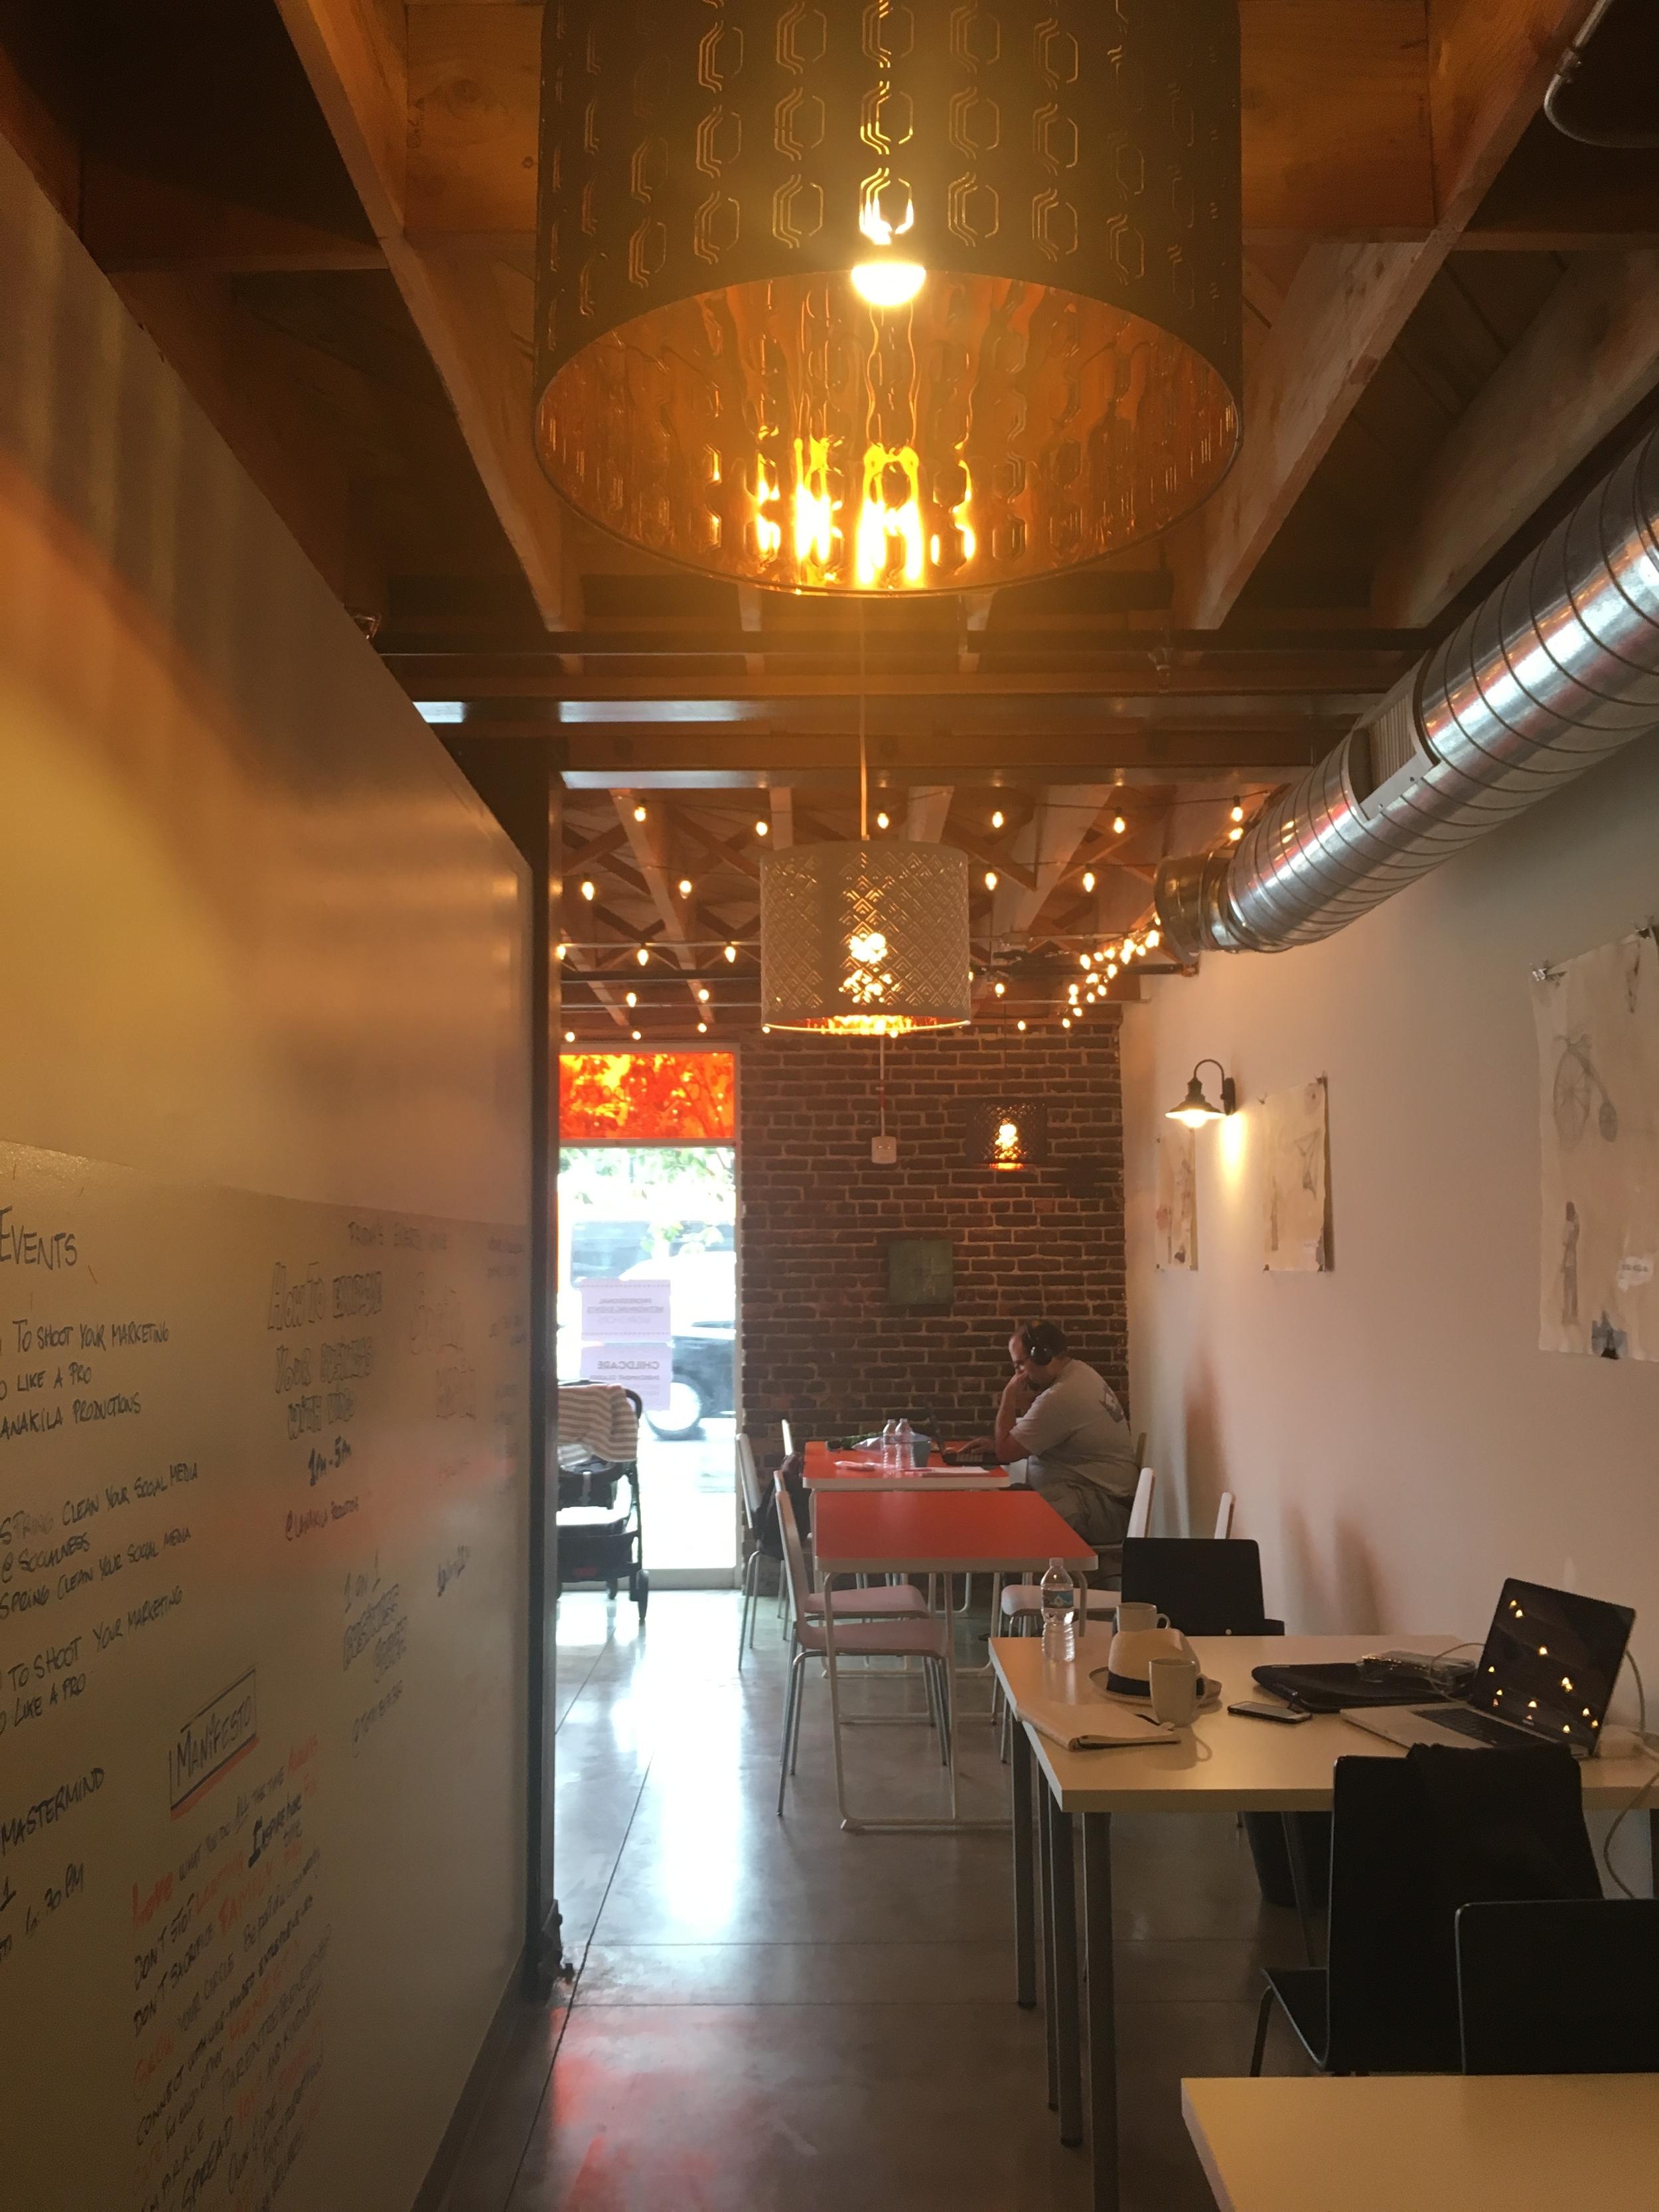 天井が高く、オリジナルのレンガ張りも残されている気持ちのいい空間です。壁には地元アーティストさんの作品を展示してあります。